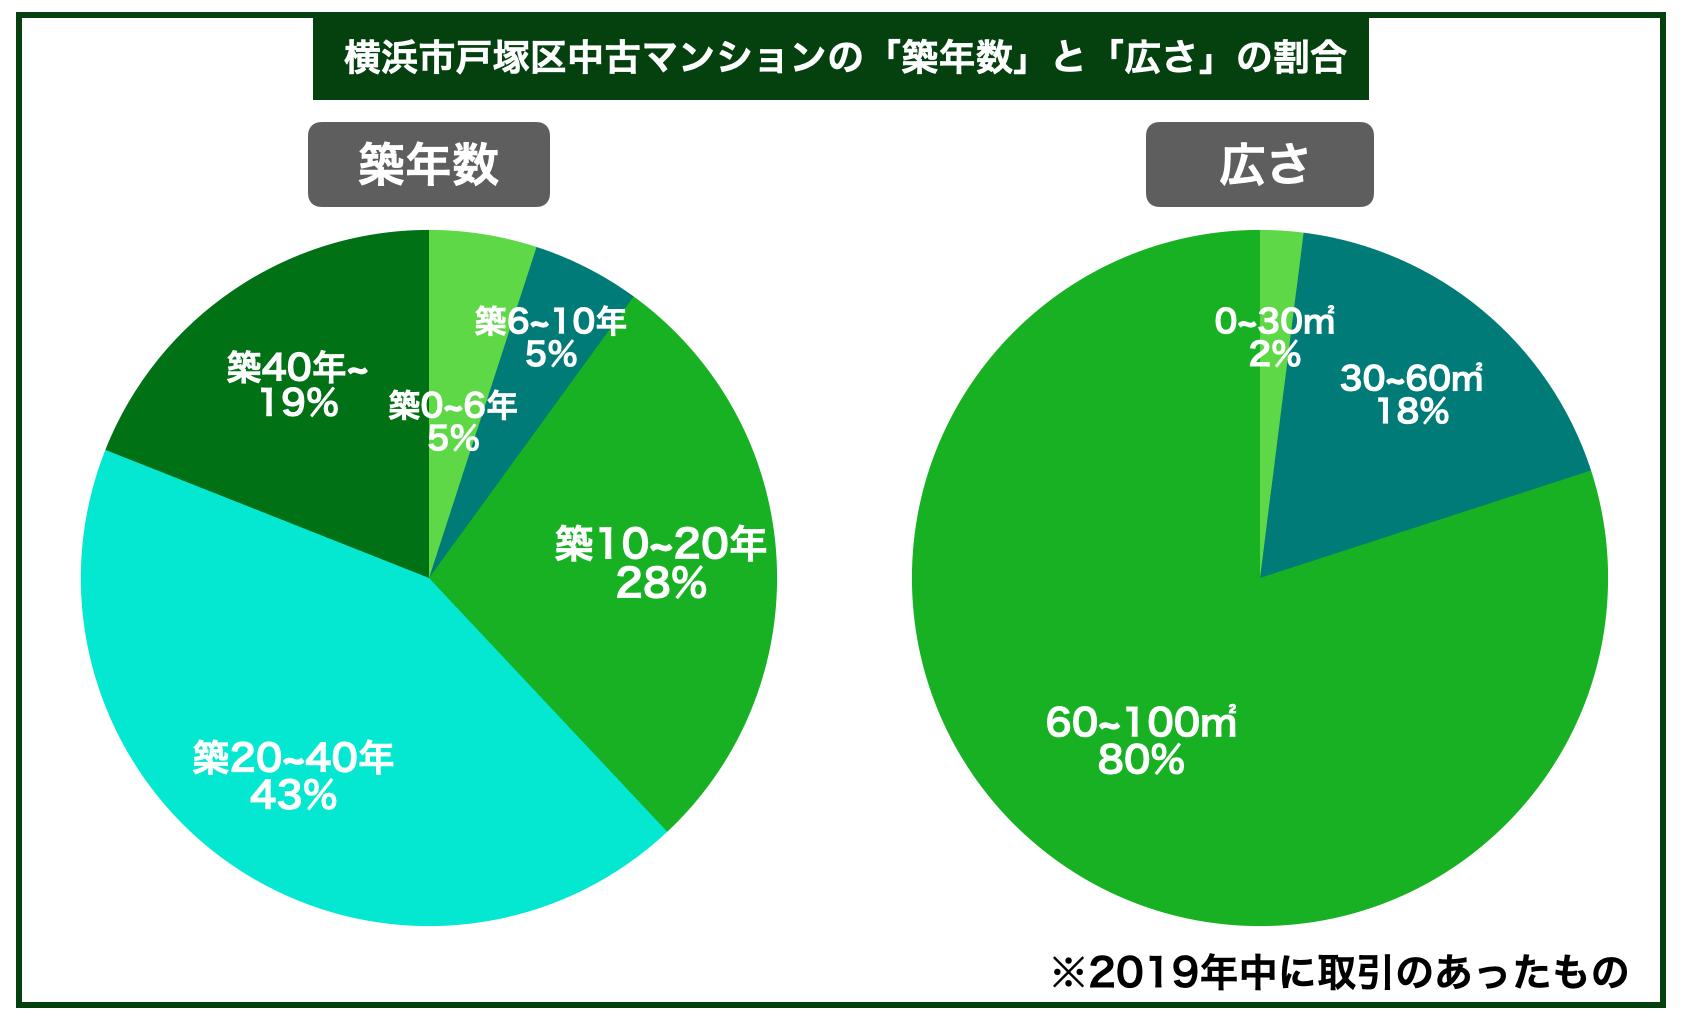 戸塚区中古マンション築年数広さ割合